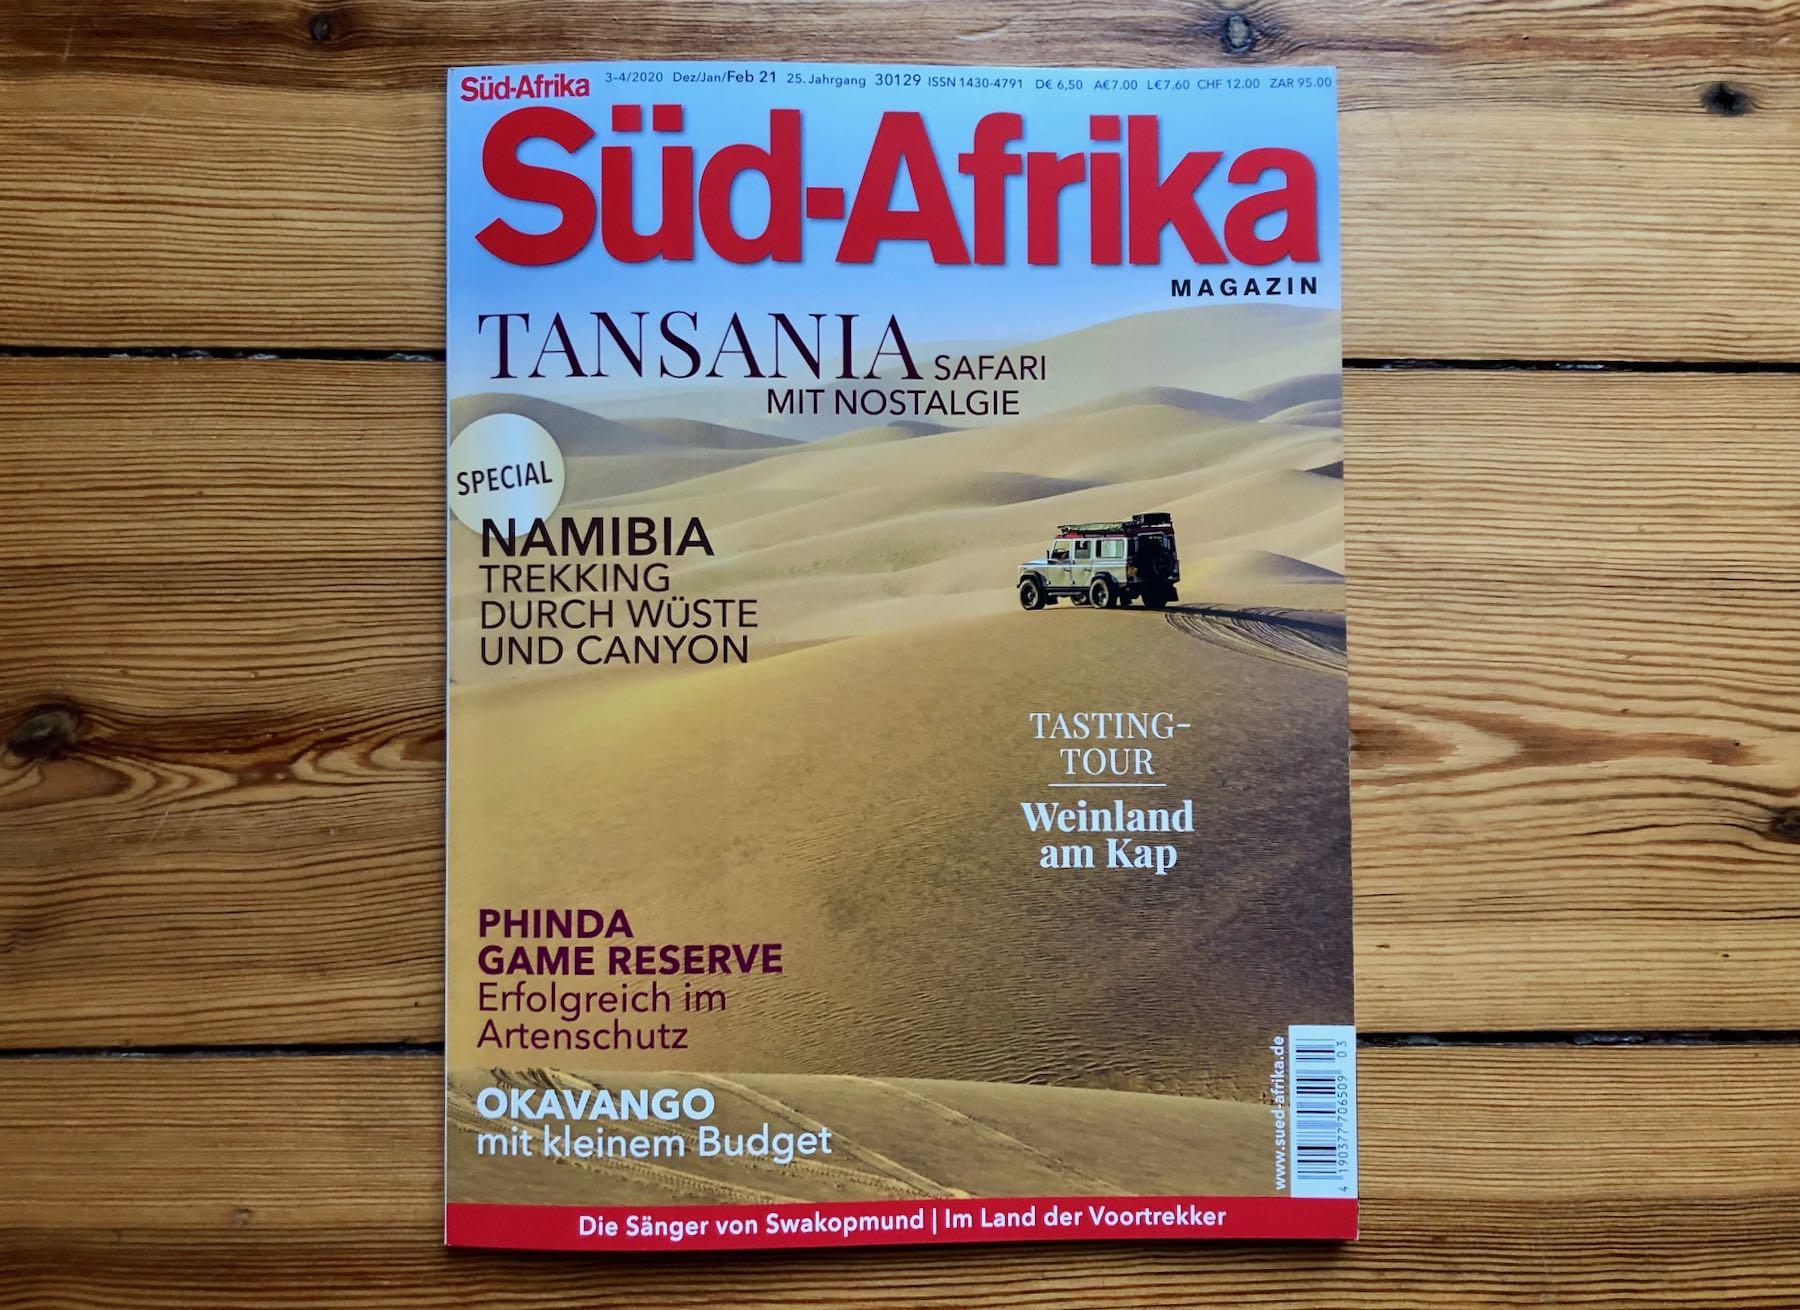 Neues SÜD-AFRIKA Magazin am Kiosk